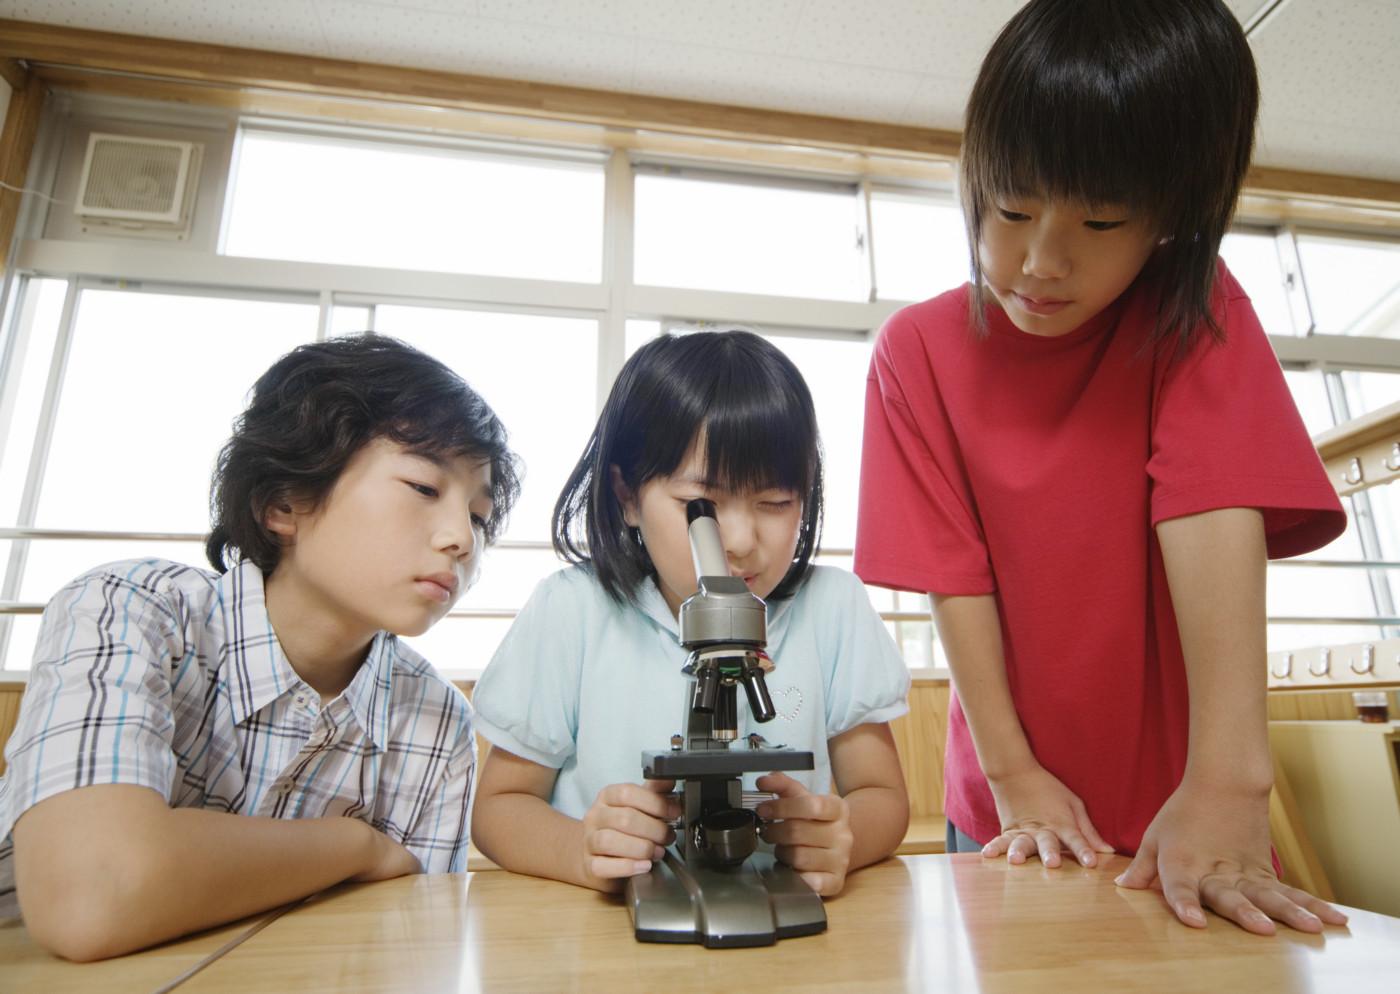 上兴趣班参加课外v图片的小学生图片图片素材(小学人物高而图片